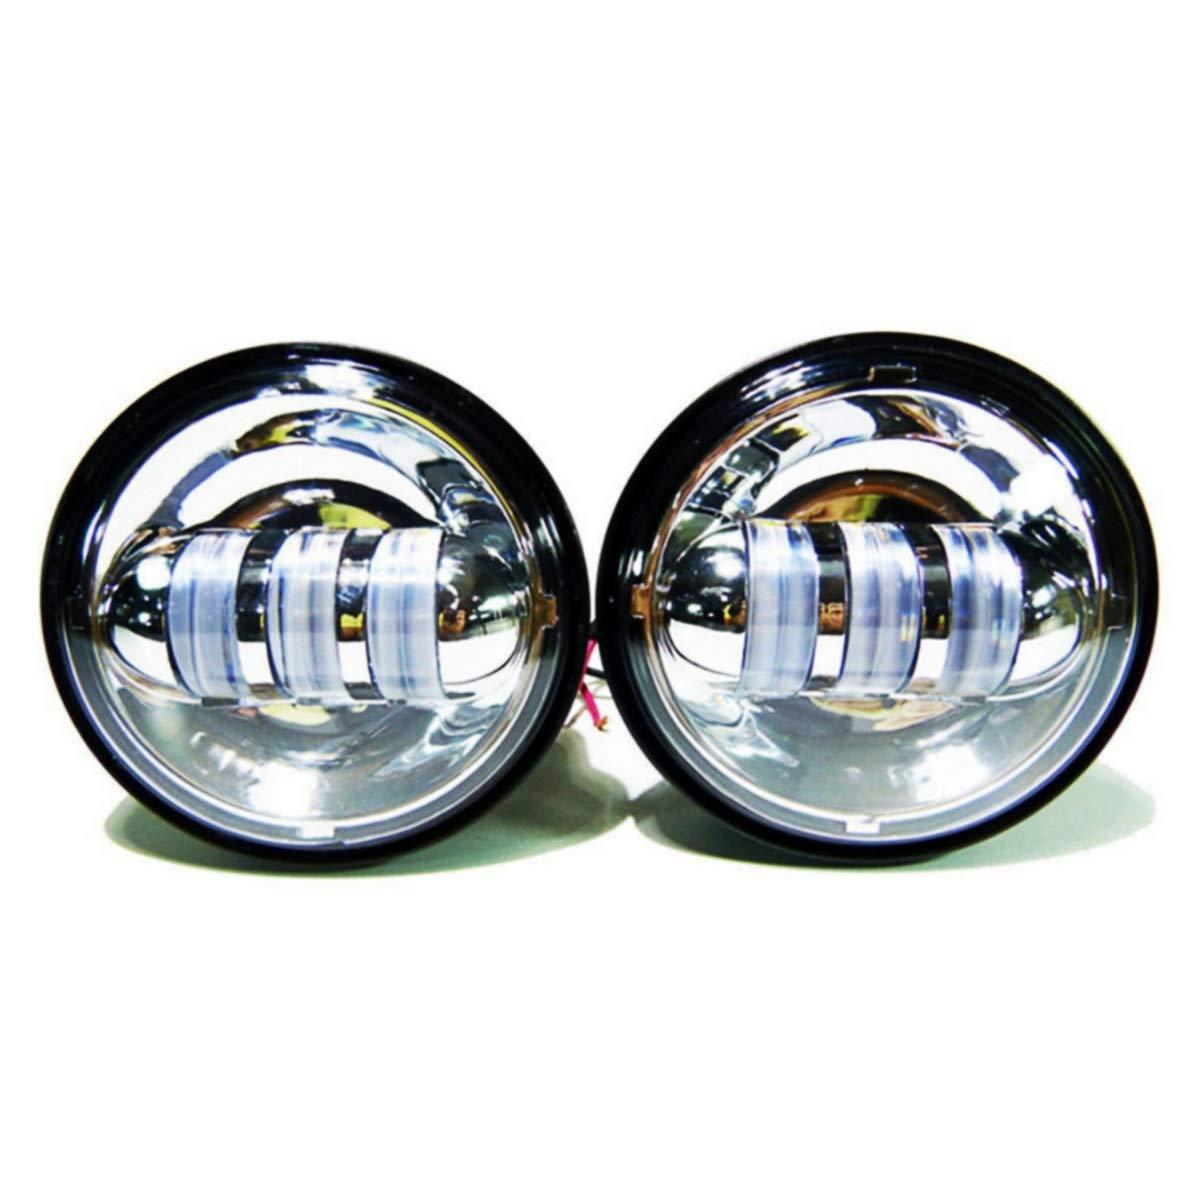 4,5-Zoll-Kompatibilit/ät mit Wrangler Harley Universal-Motorradreparaturteil YEEWEN Spare Motorrad-Galvanik-Hochleistungs-Nebelscheinwerfer in kaltem Wei/ß mit LED-Modifikation